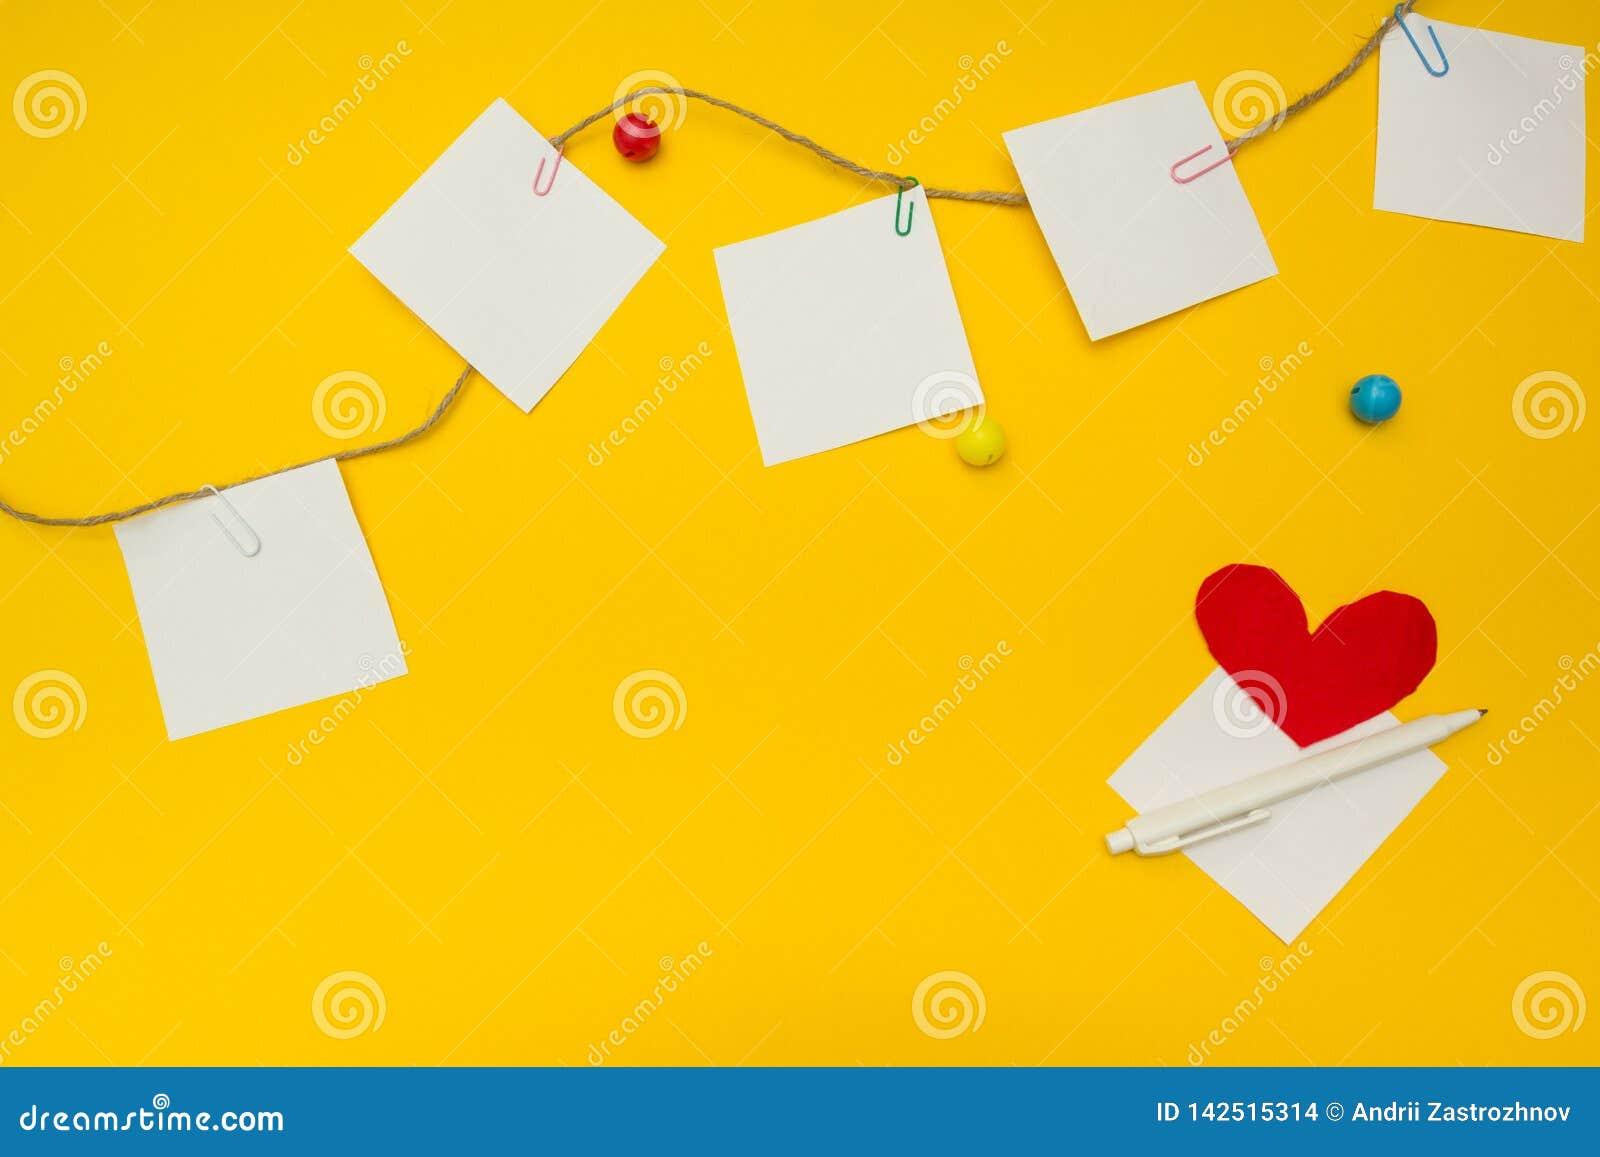 Papier, Büroklammern, Herz und Seil auf einem gelben Hintergrund, mit Raum für Text